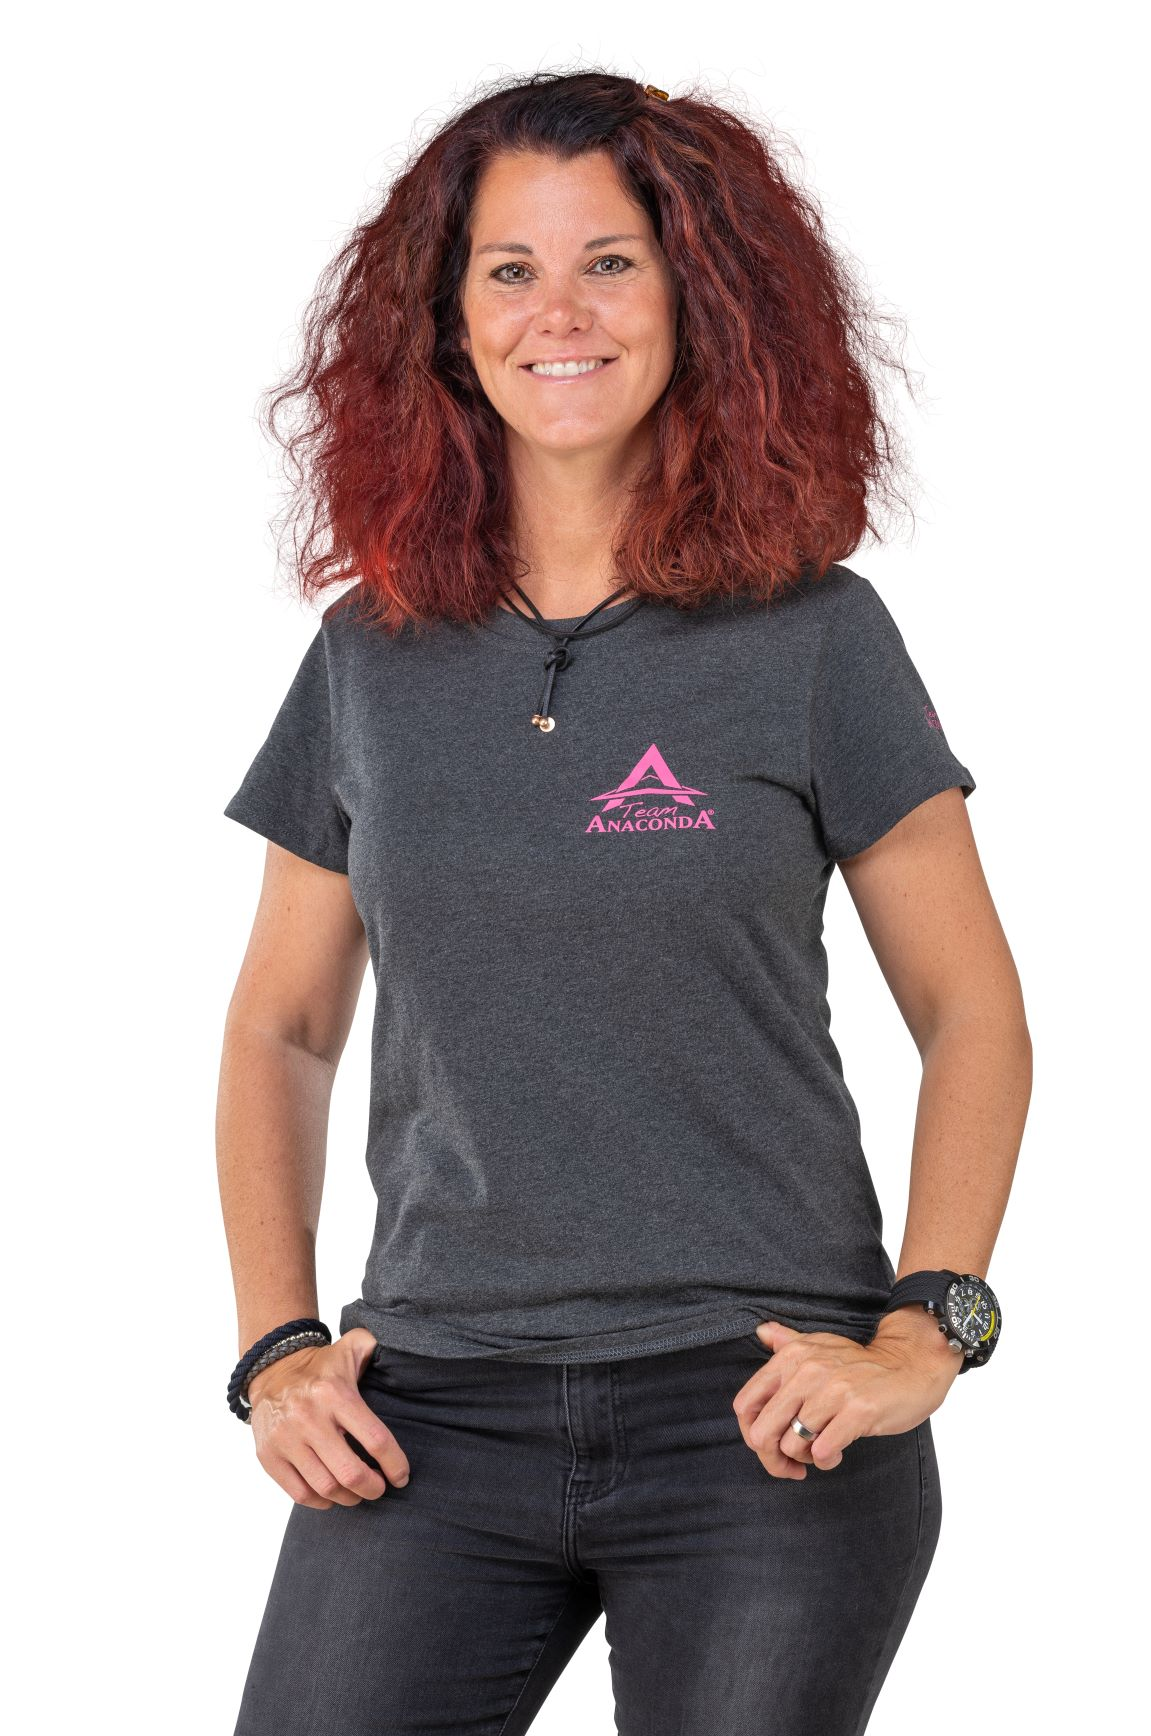 Anaconda dámské tričko Lady Team M